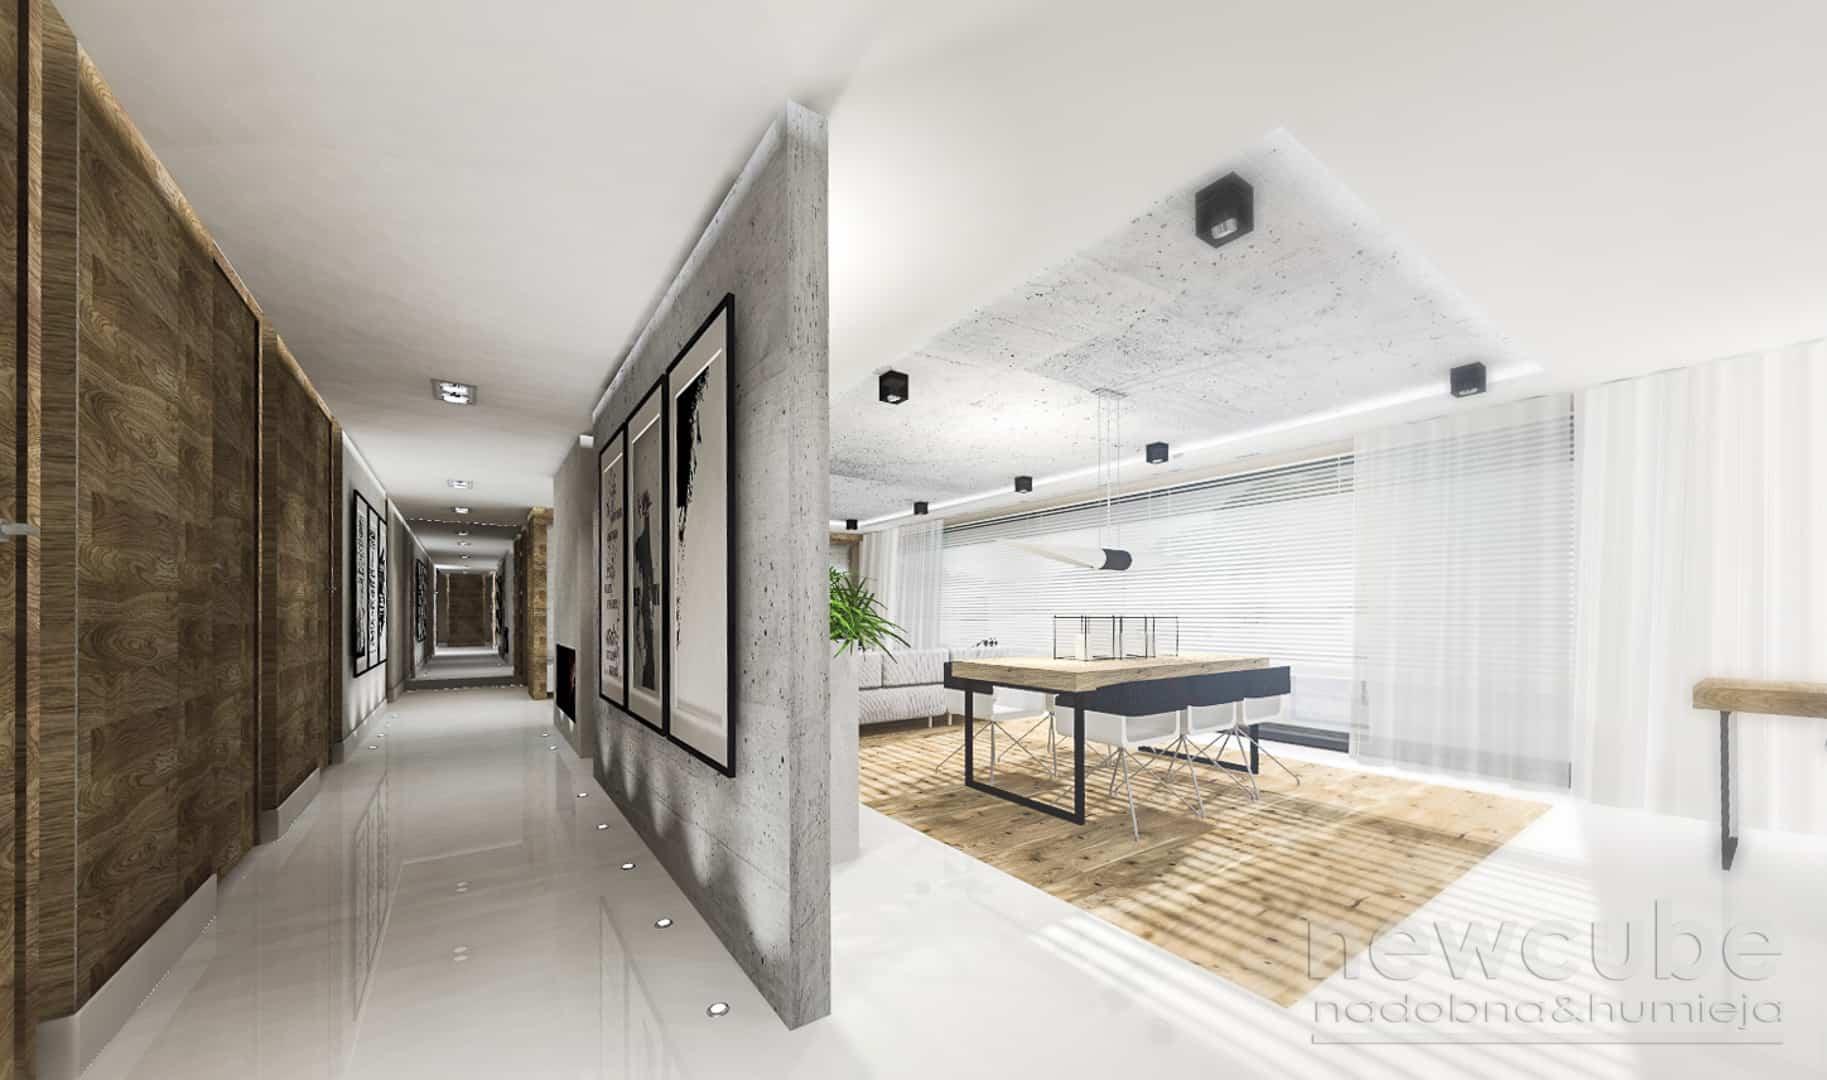 projekty-aranzacja-wnetrz-projekt-architekt-new-cube-8